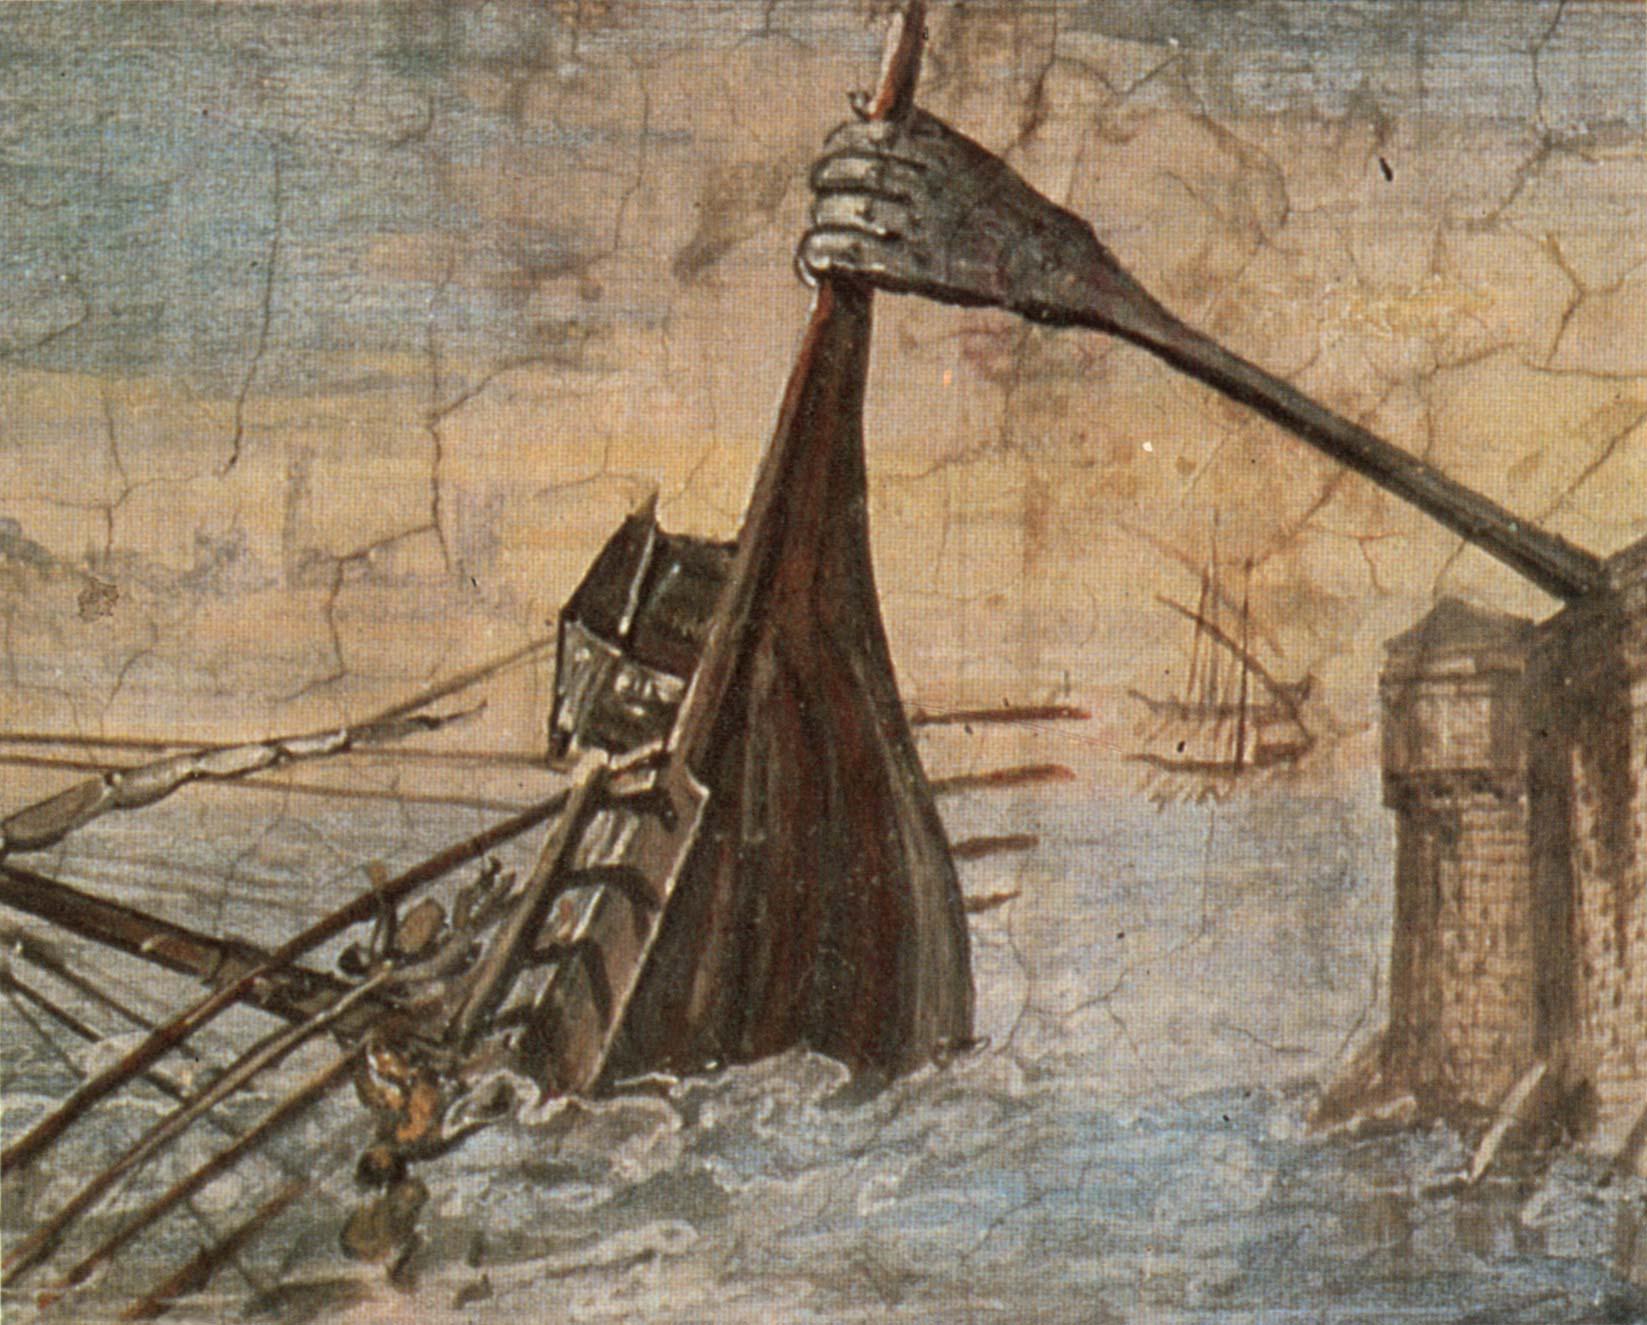 syracuse roman ship - photo#2